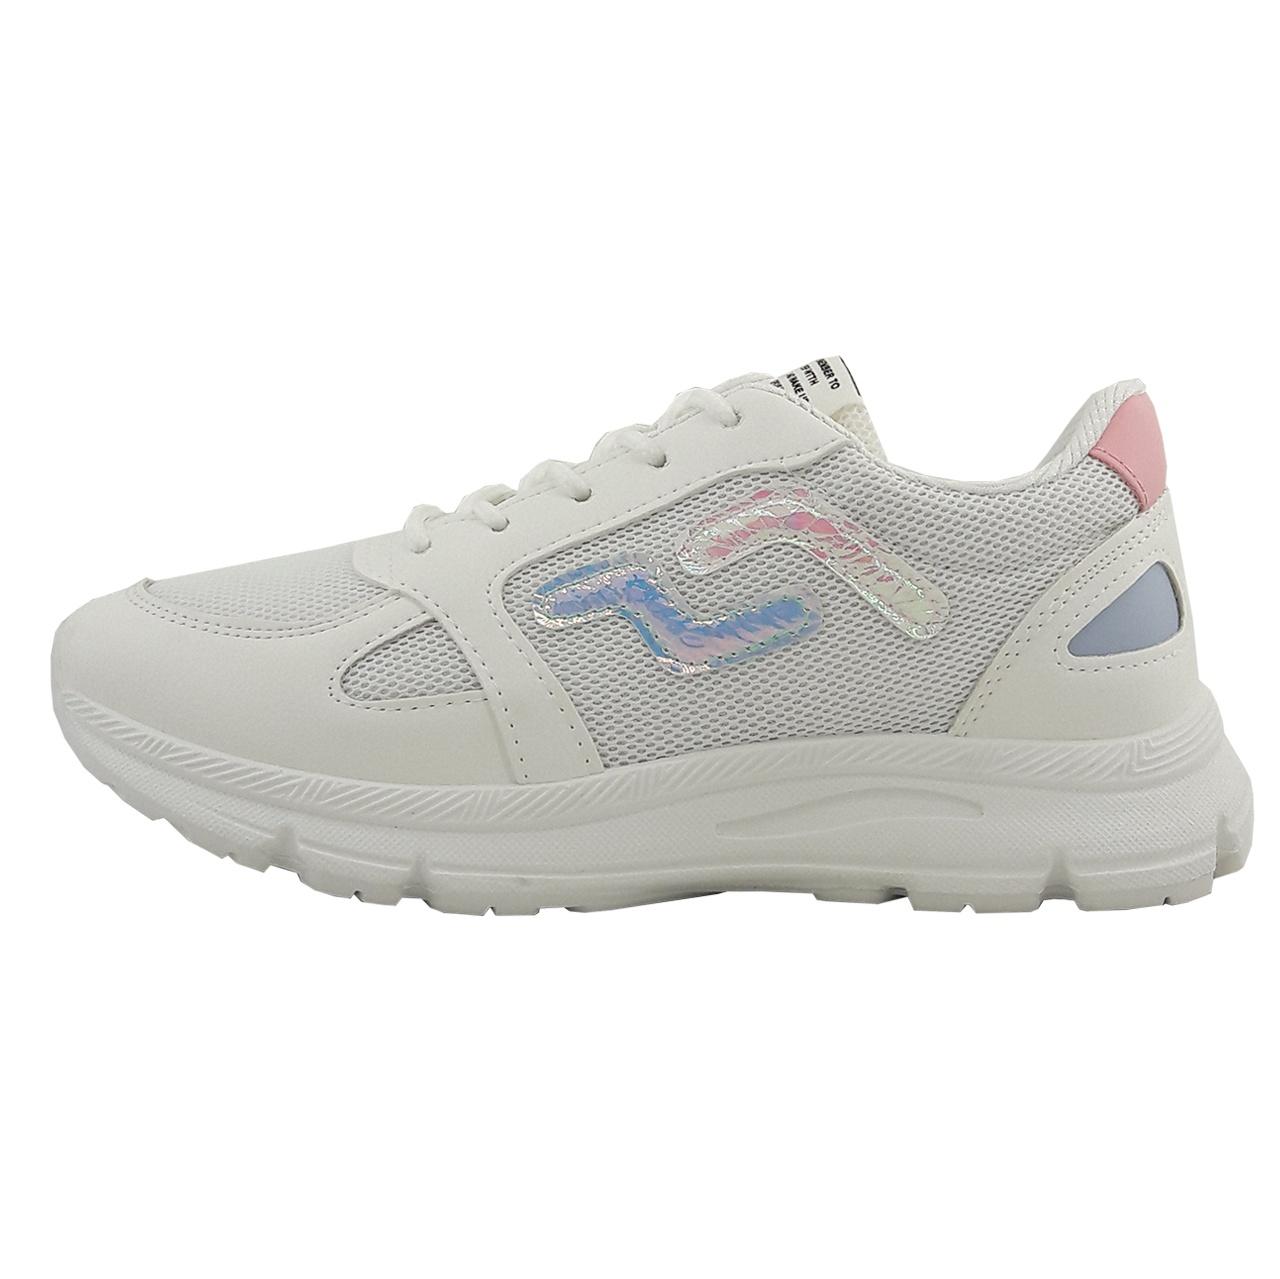 کفش مخصوص پیاده روی زنانه مدل Hologram wh.pnk-01